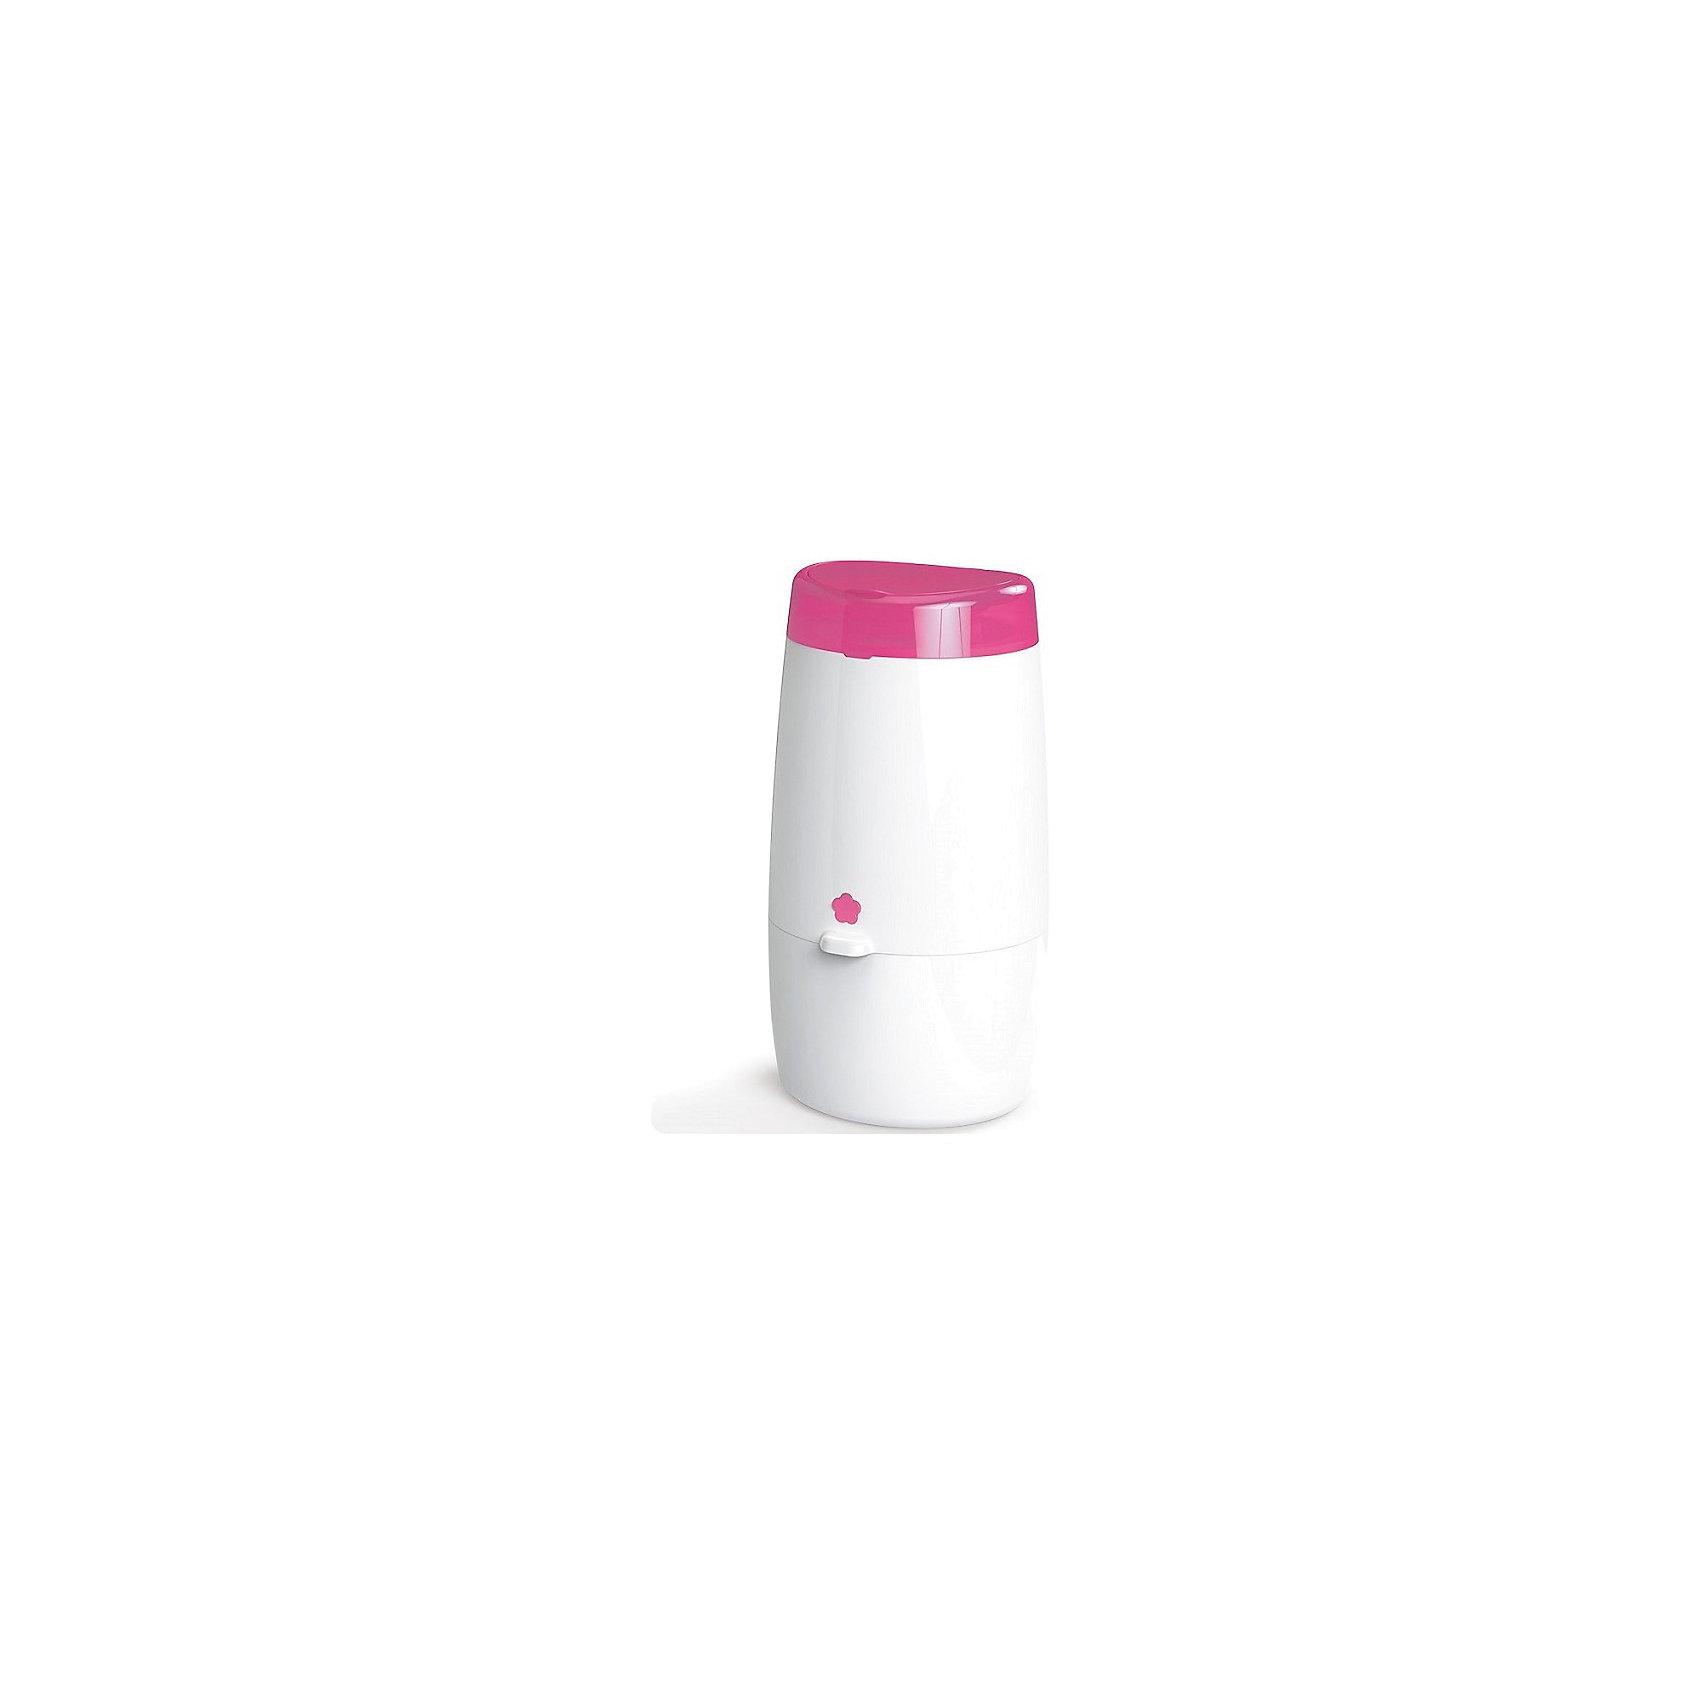 Накопитель подгузников AD-MINI-EU-PK  Angelcare Mini, розовыйУтилизаторы подгузников<br>Накопитель подгузников AD-MINI-EU-PK  Angelcare Mini, розовый<br><br>Характеристики:<br>- В набор входит: накопитель, 1 кассета<br>- Материал: пластик, полиэтилен<br>- Высота: 43 см. <br>- Вместительность: 32 подгузника  р-р 2 <br>Накопитель подгузников от известного канадского бренда продуктов по уходу за детьми AngelCare (ЭнджелКеа) позволит утилизировать подгузники без единого запаха, обеспечить необходимую гигиену комнаты и значительно упростить уход за малышом. Компактный формат накопителя позволяет разместить его в любом удобном месте, а лаконичный дизайн подойдет к интерьеру детской. Накопитель вмещает 32 подгузника второго размера и подразумевает замену пакета один раз в неделю. К накопителю подойдут любые кассеты фирмы AngelCare (ЭнджелКеа). Каждая кассета состоит из безопасного многослойного полиэтиленового материала, и вмещает 128 подгузников размера 2 (приблизительно 28 дней). При смене кассеты не придется контактировать с уже имеющимися в накопителе подгузниками в виду их герметичной упаковки. AngelCare используют в четыре раза меньше пластика чем обычные накопители, за счет того, что подгузники не упаковываются в индивидуальные пакеты, поэтому выбрав эту марку вы проявите заботу о малыше и об окружающей его среде.<br>Накопитель подгузников AD-MINI-EU-PK Angelcare Mini (ЭнджелКеа Мини), розовый можно купить в нашем интернет-магазине.<br>Подробнее:<br>• Для детей в возрасте: от 0 месяцев <br>• Номер товара: 3827604<br>Страна производитель: Франция<br><br>Ширина мм: 230<br>Глубина мм: 230<br>Высота мм: 580<br>Вес г: 2200<br>Возраст от месяцев: 0<br>Возраст до месяцев: 36<br>Пол: Унисекс<br>Возраст: Детский<br>SKU: 3827604